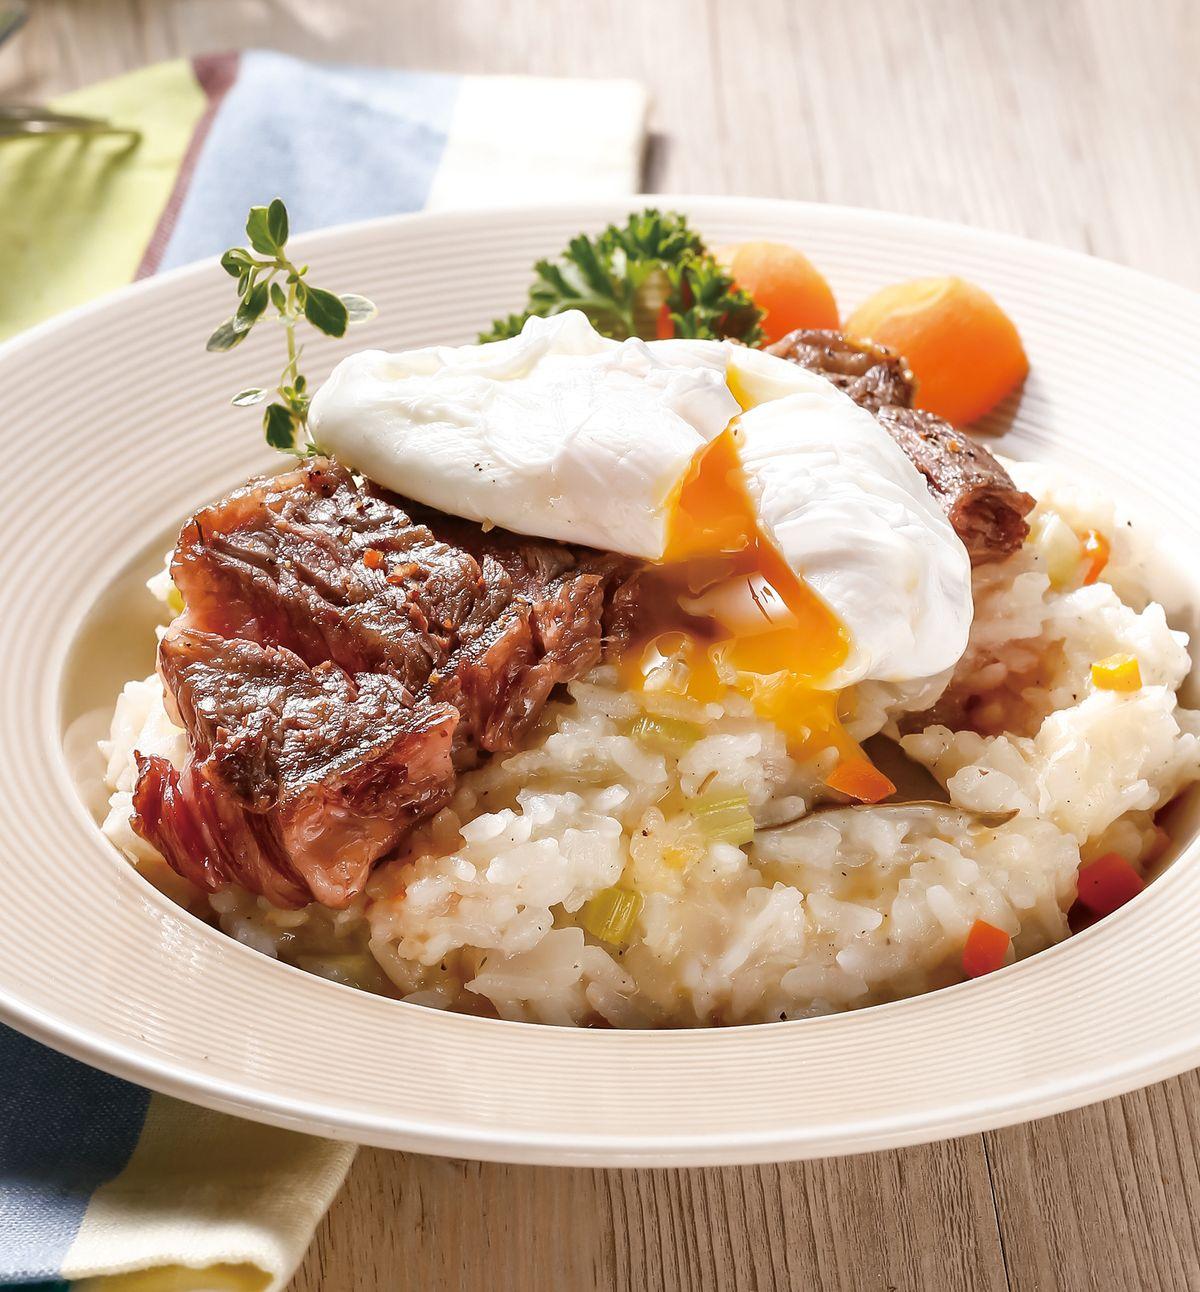 食譜:牛排水波蛋燉飯